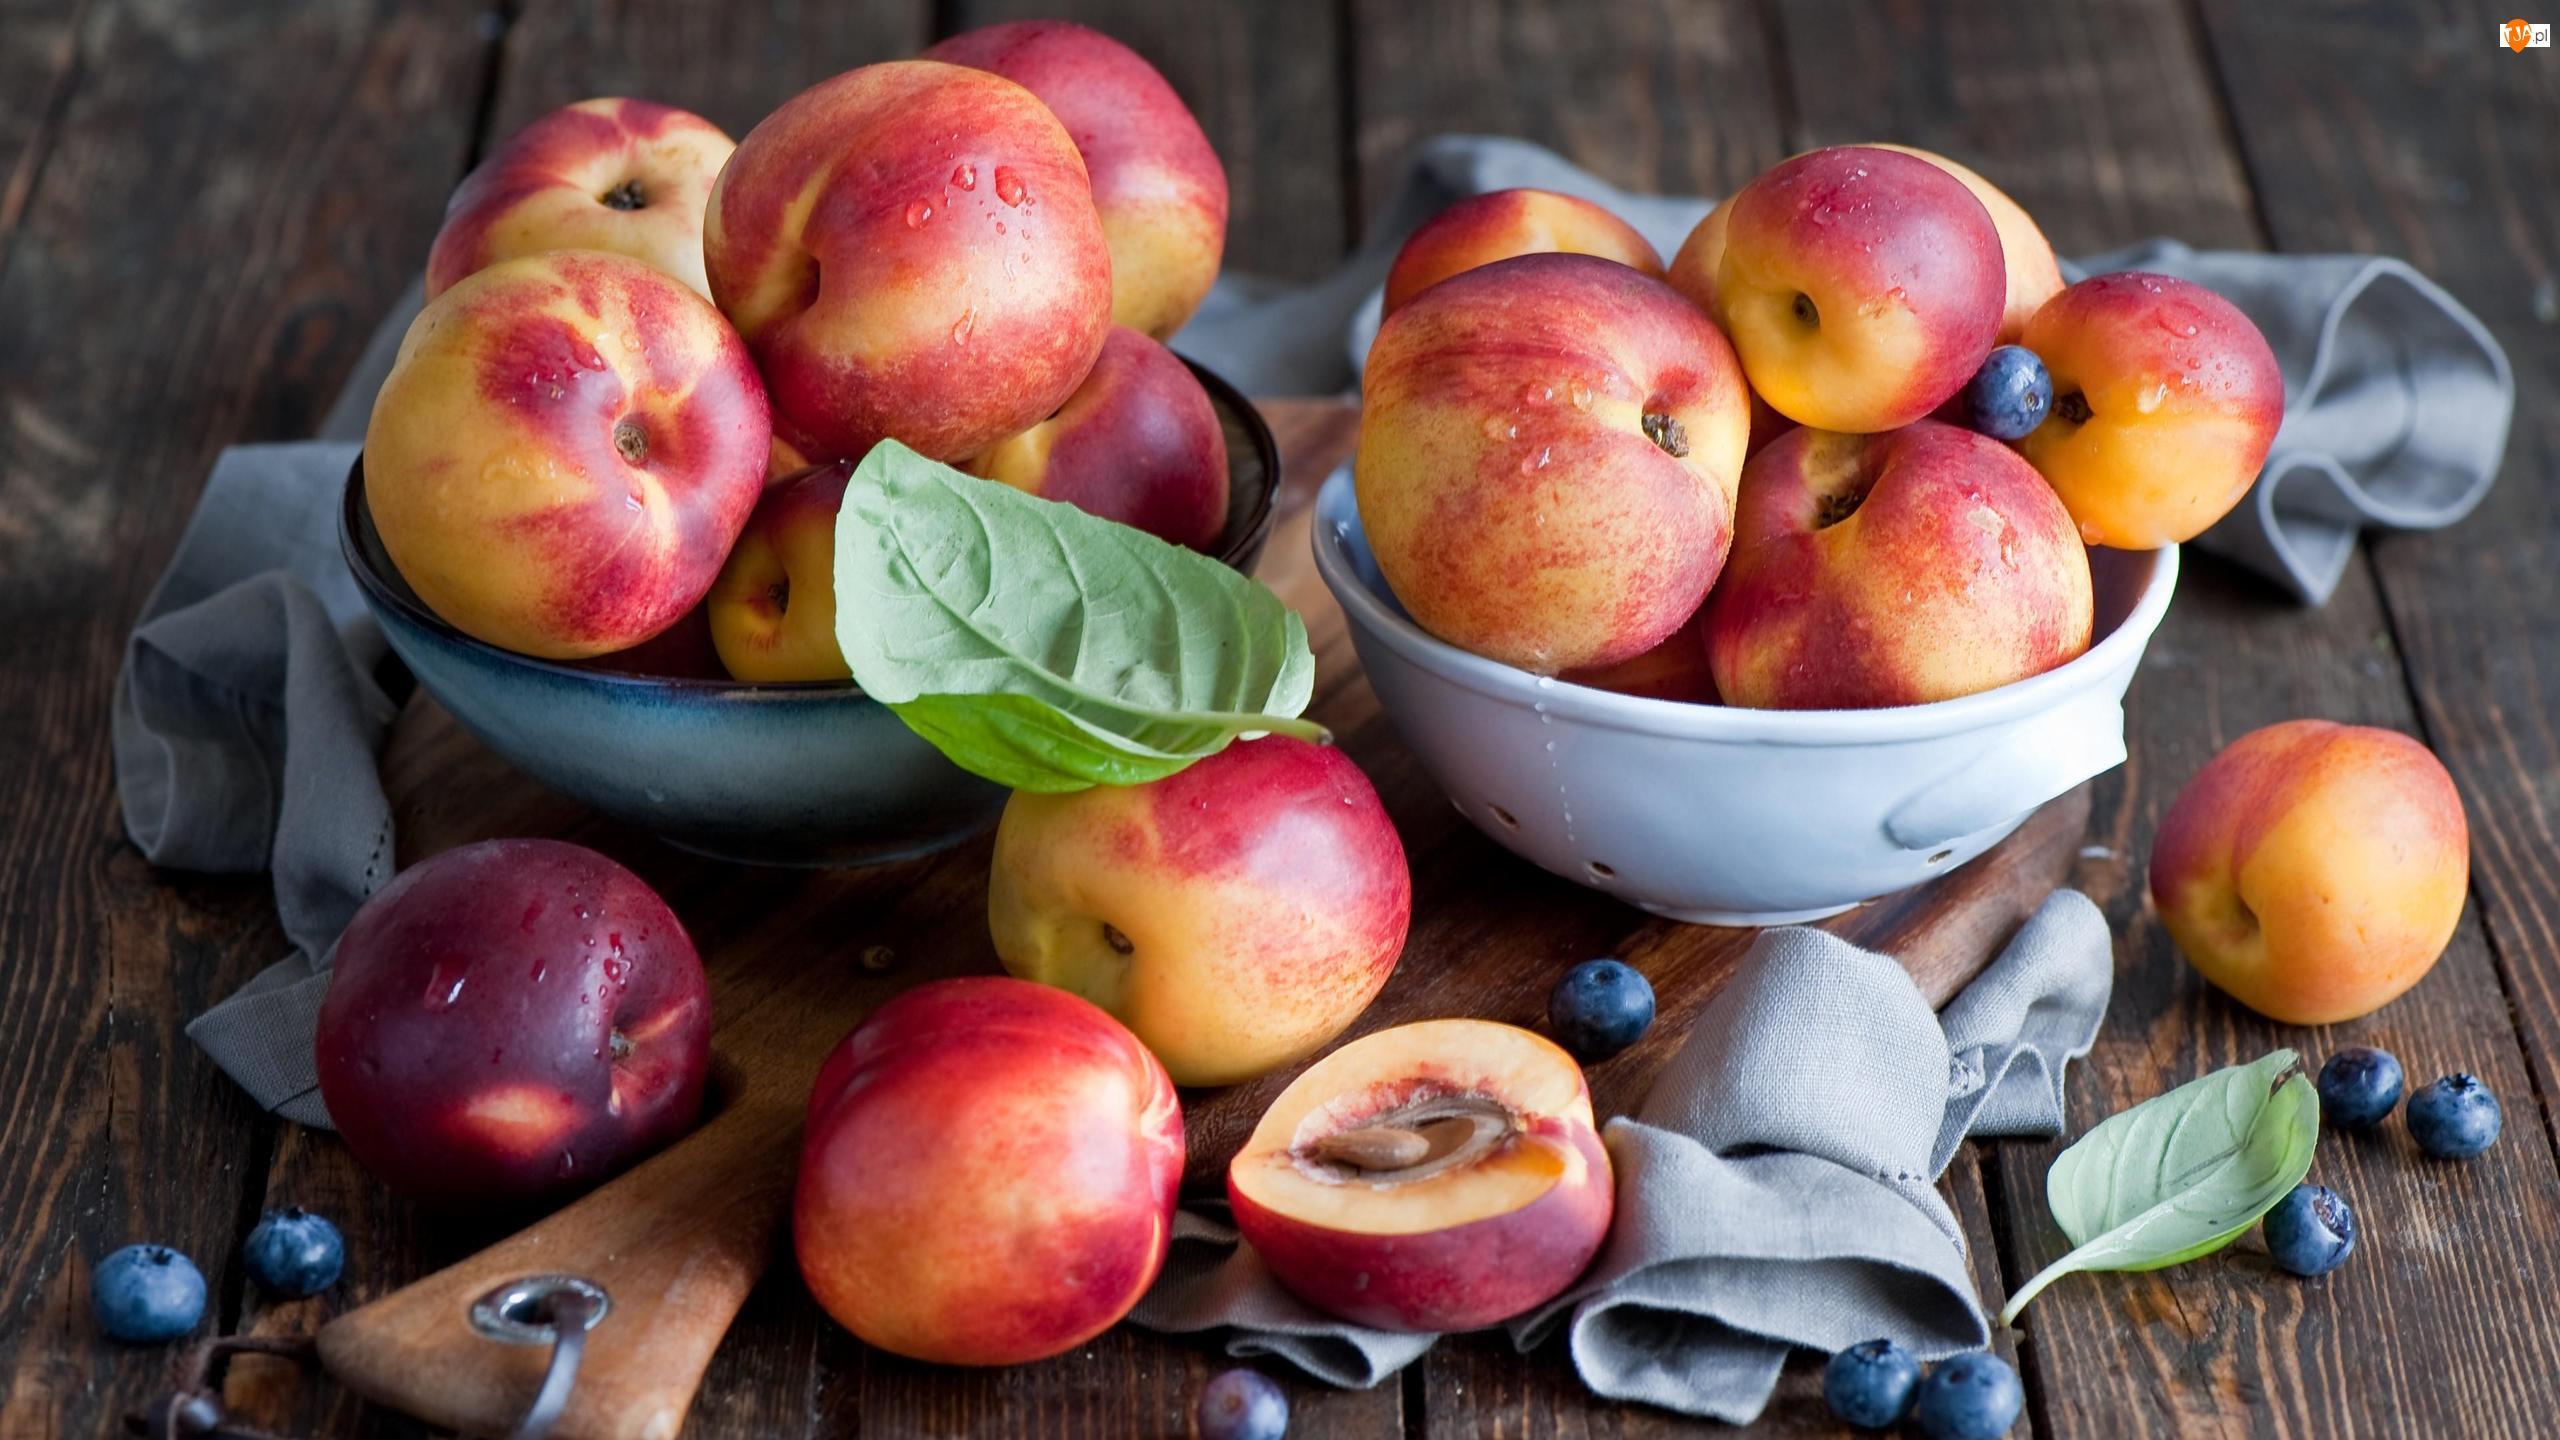 Borówki, Deska, Owoce, Liście, Brzoskwinie, Miska